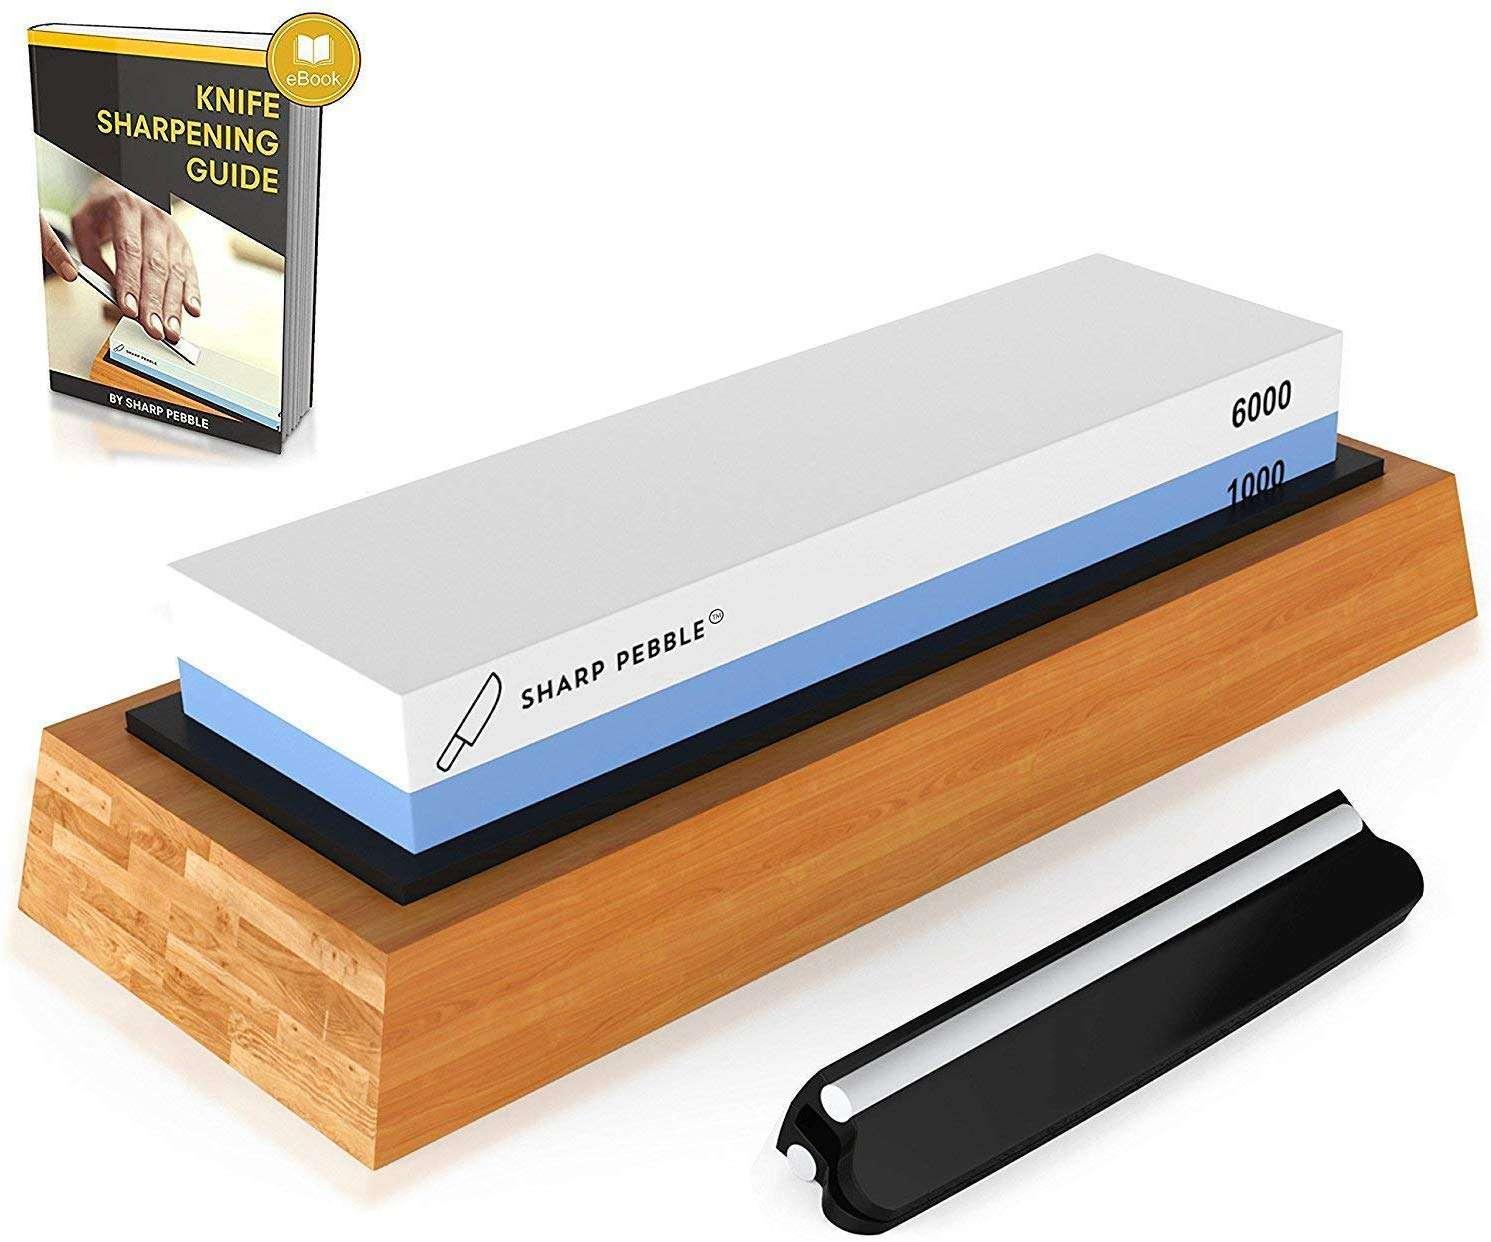 Sharp Pebble Premium Whetstone Knife Sharpening Stone